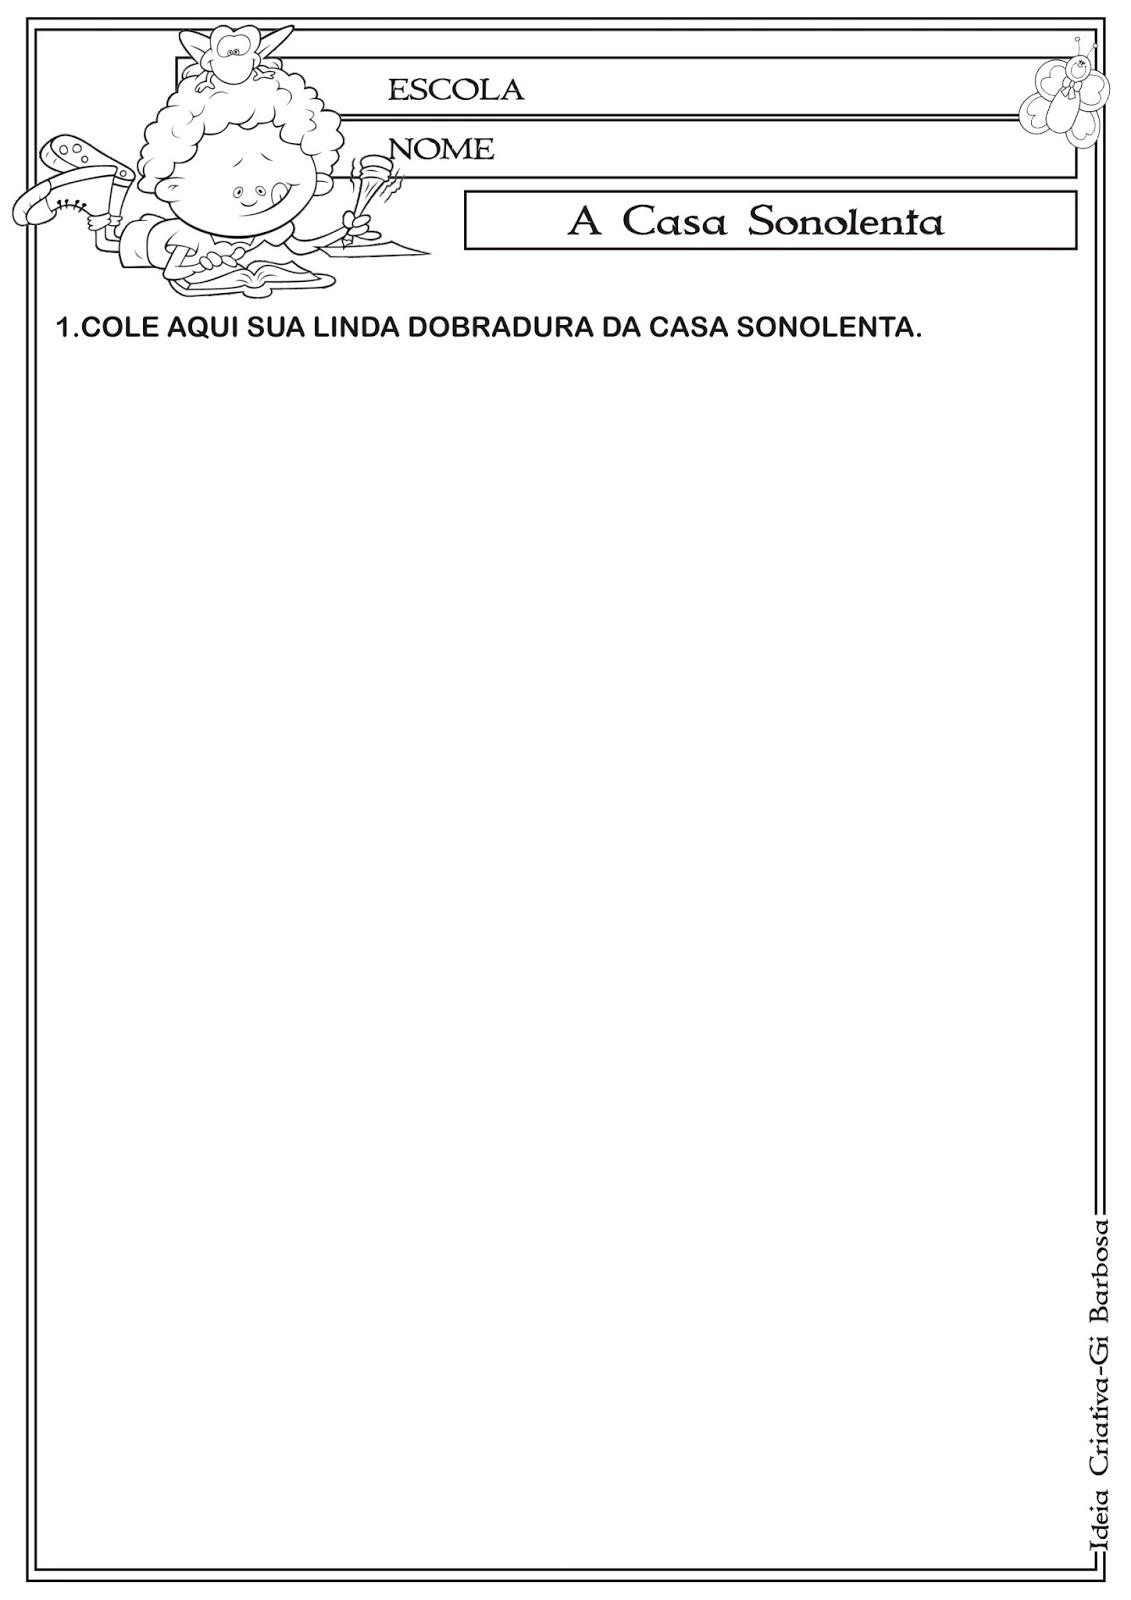 Preferência Atividade Dobradura A Casa Sonolenta | Ideia Criativa - Gi Barbosa  RJ17